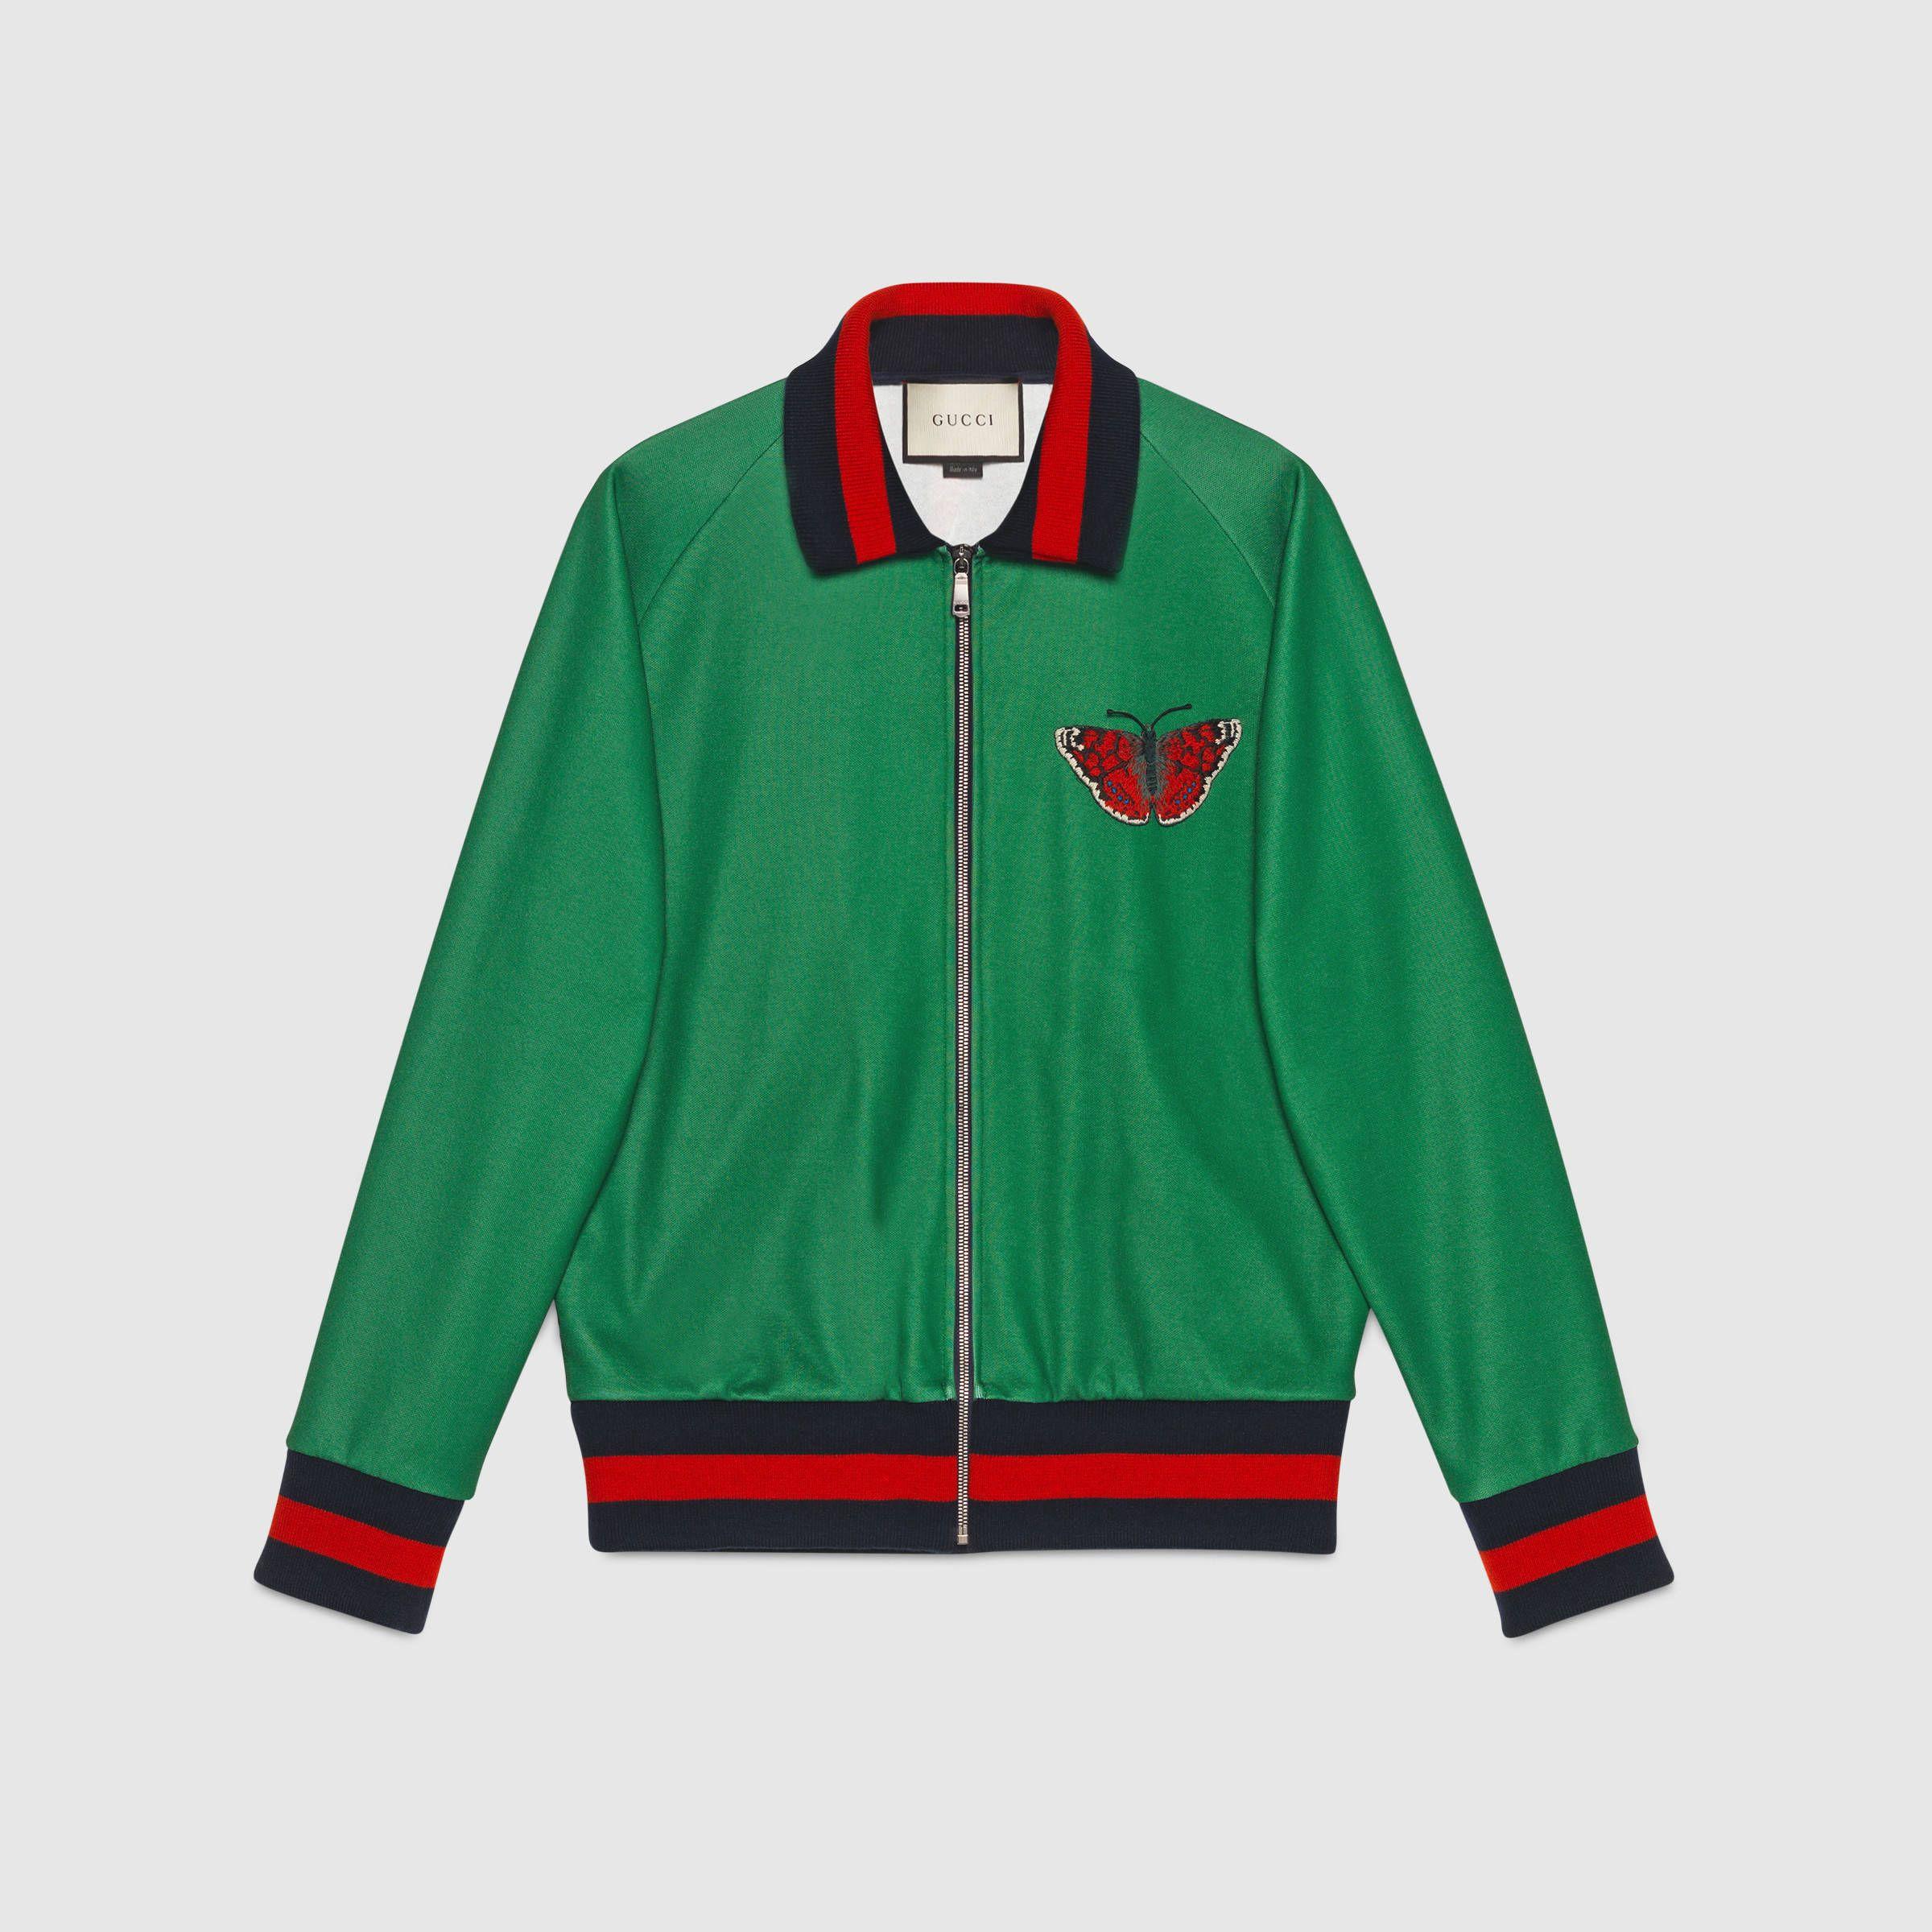 vendita calda online 72a16 eb5e4 Gucci Uomo - Giacca in jersey con stampa web e serpente ...